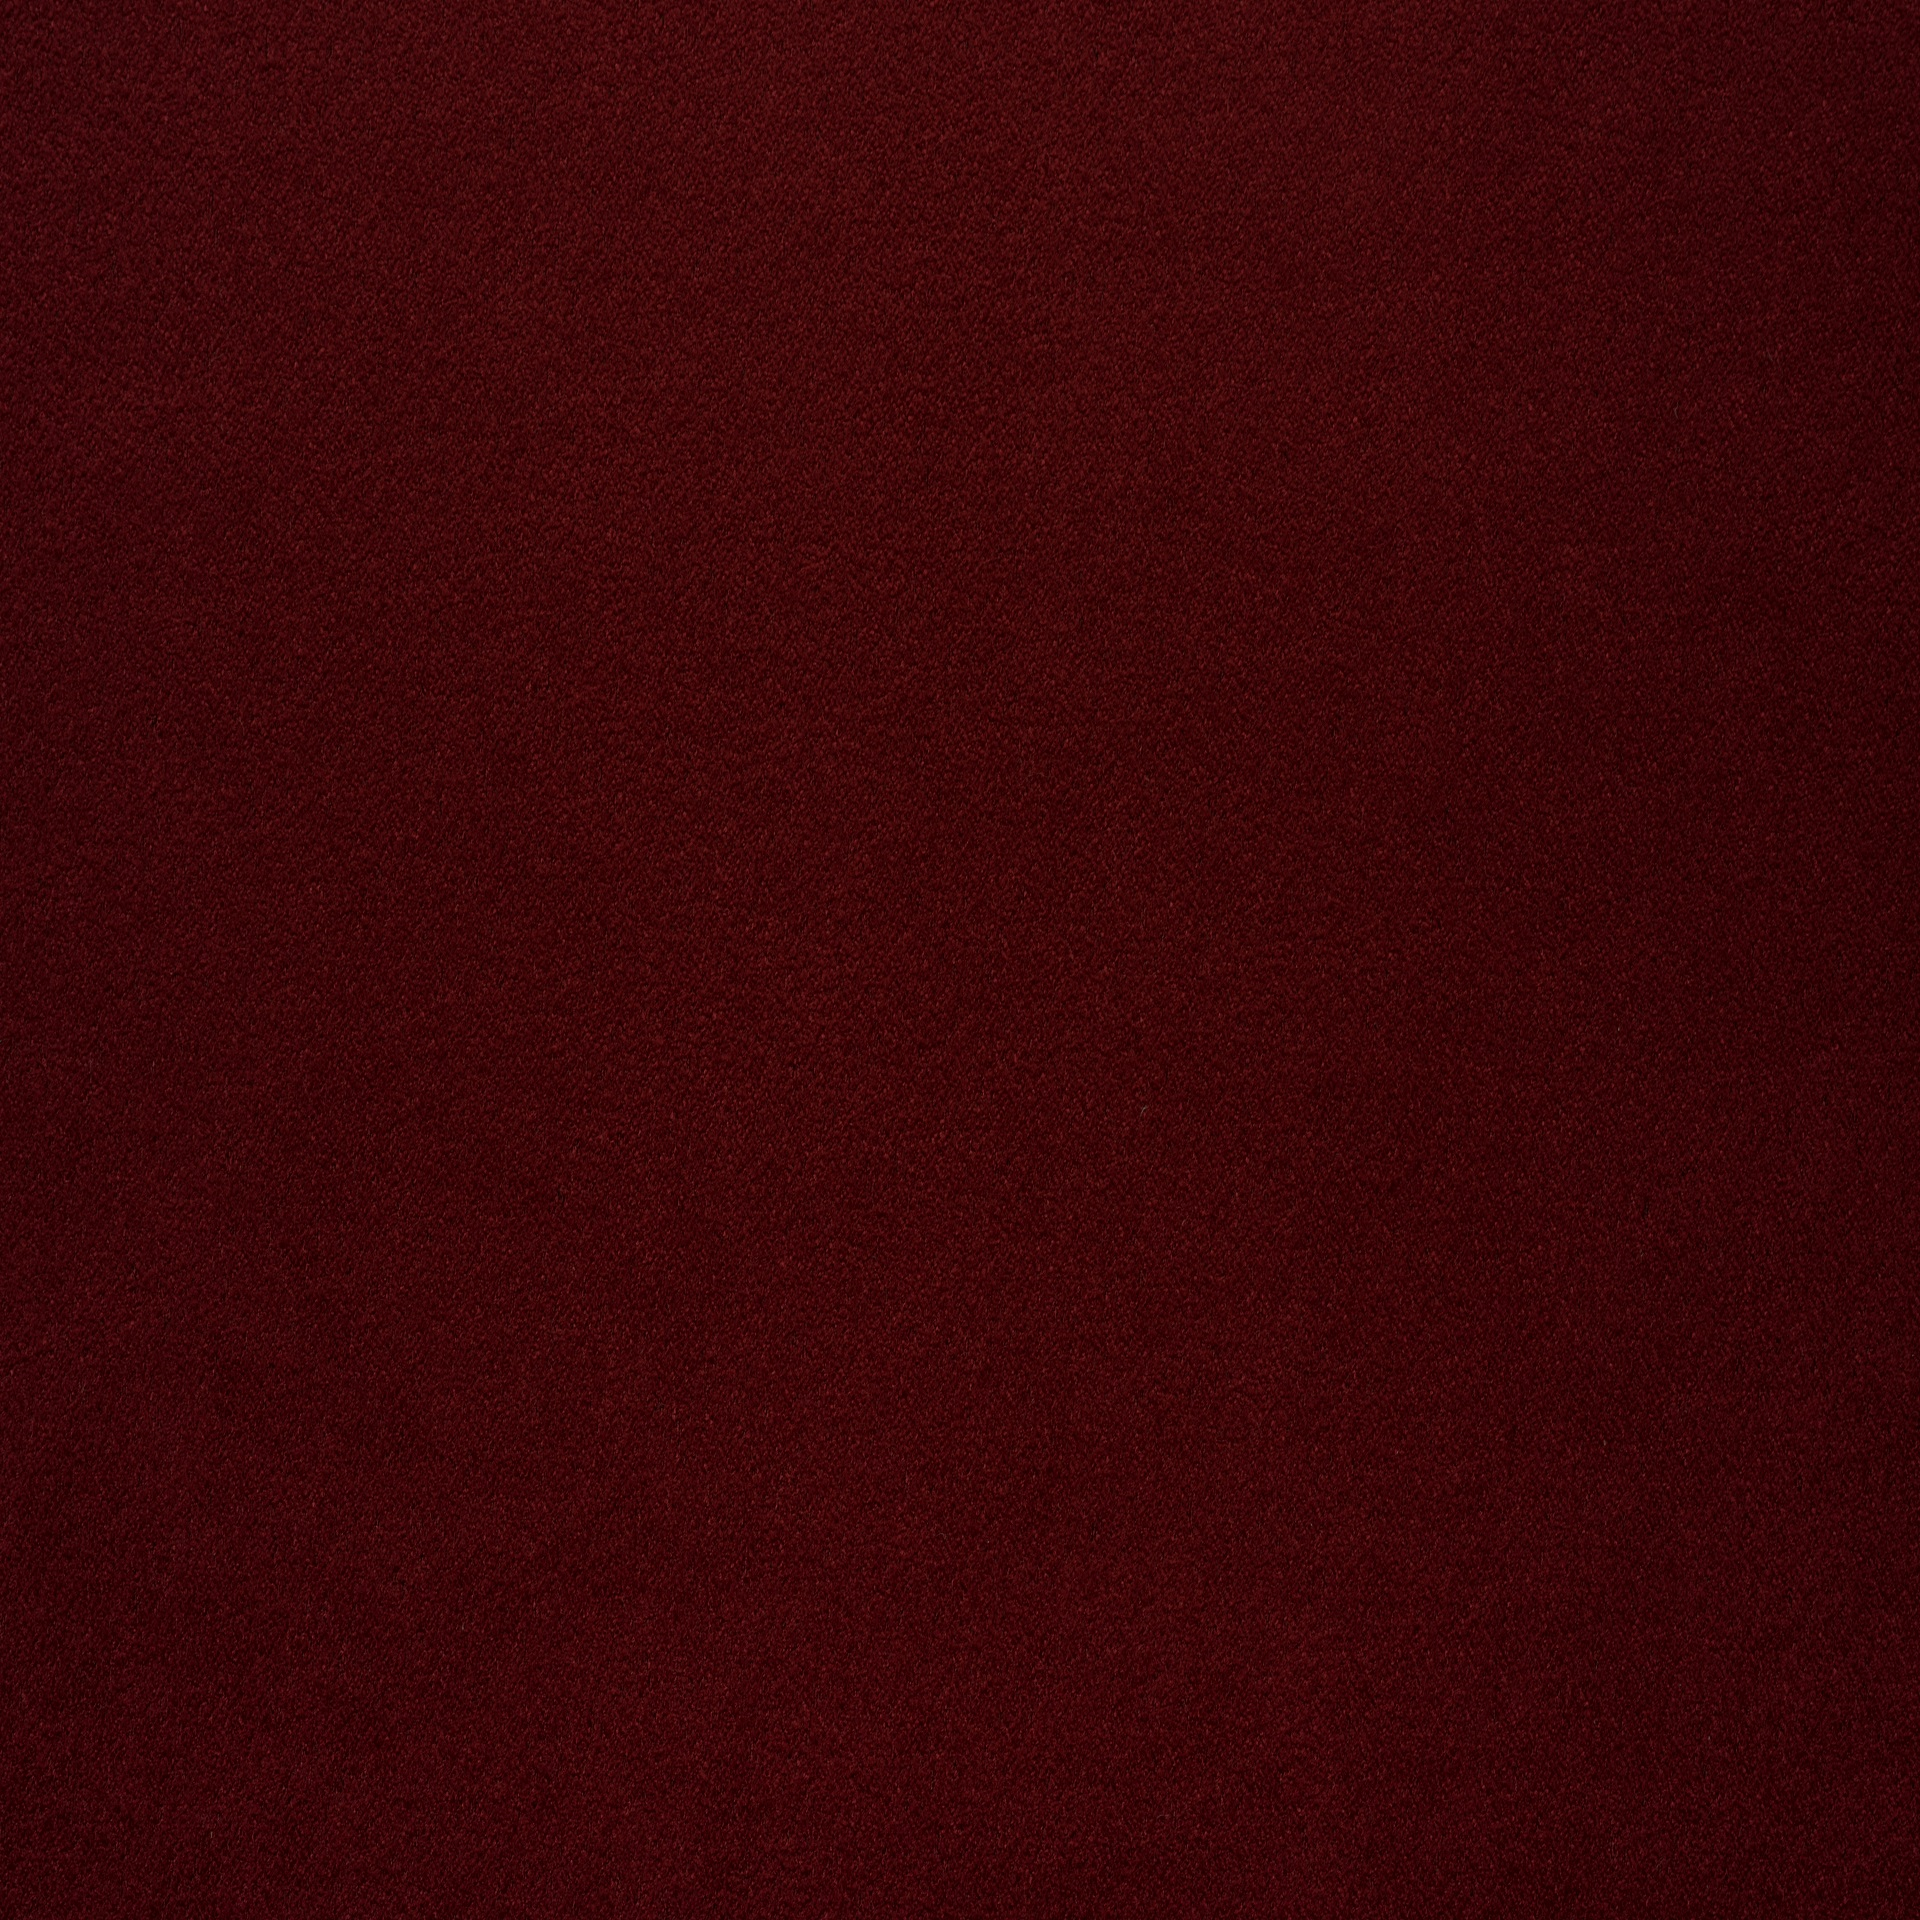 Коллекция ткани Бонд MARSALA 17,  купить ткань Велюр для мебели Украина